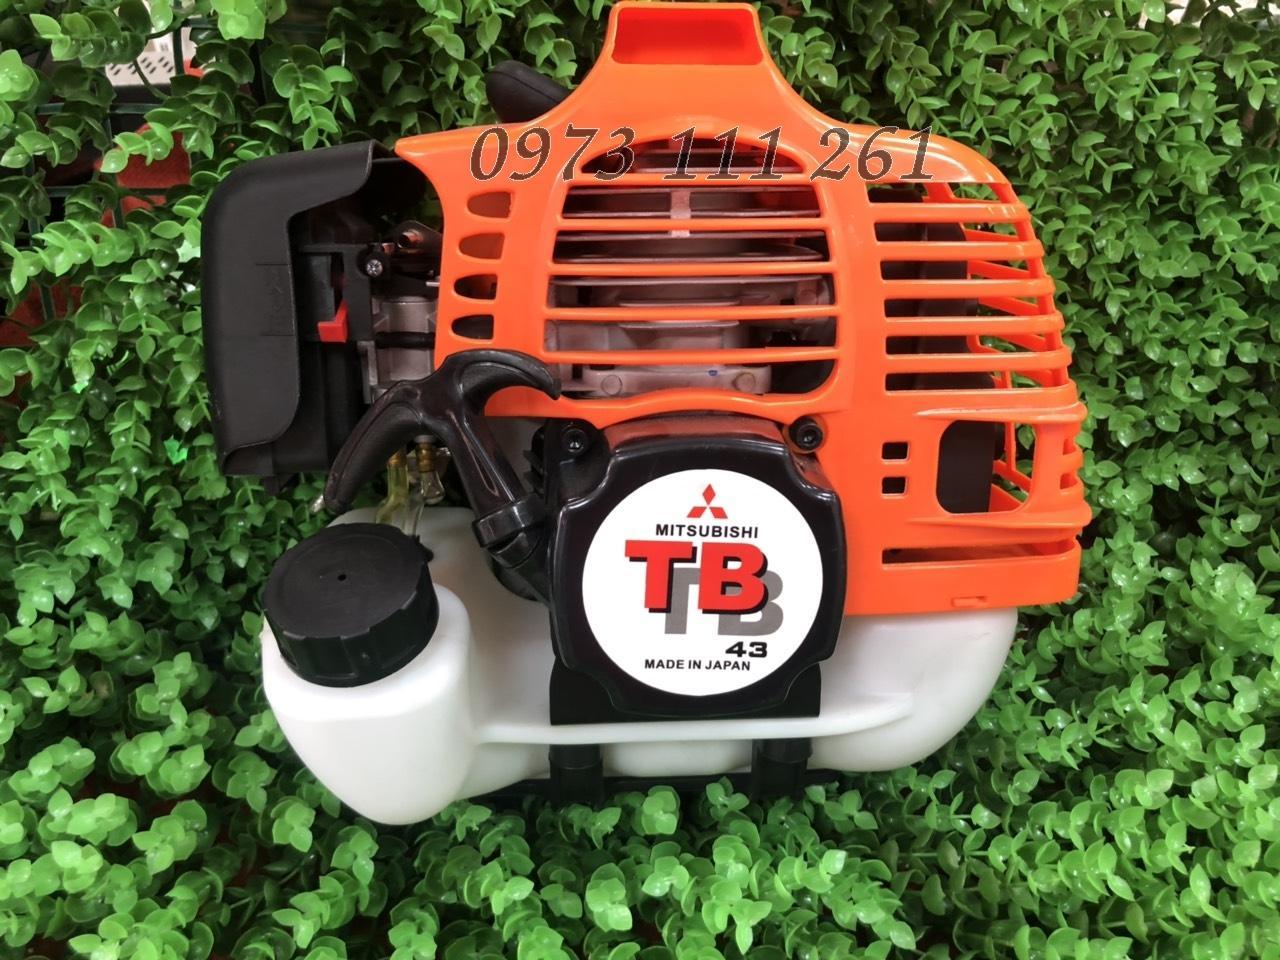 Đầu động cơ máy cắt cỏ 2 thì Mitsubishi TB43 mẫu_mã mới 2019